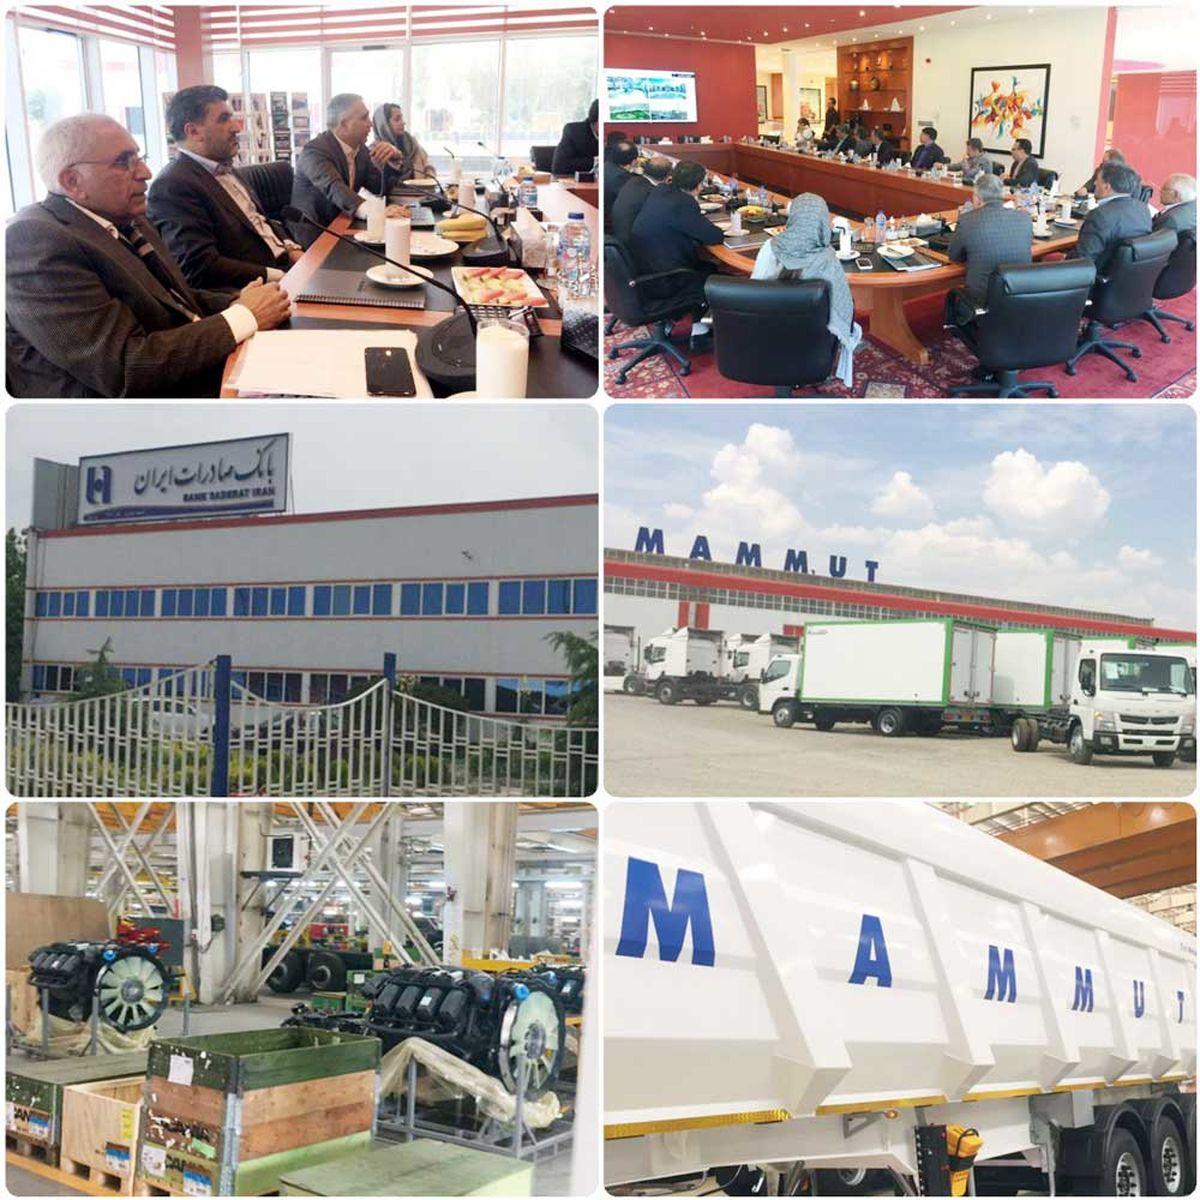 بانک صادرات ایران با تمامی ظرفیت از صنعت و تولید کشور حمایت میکند